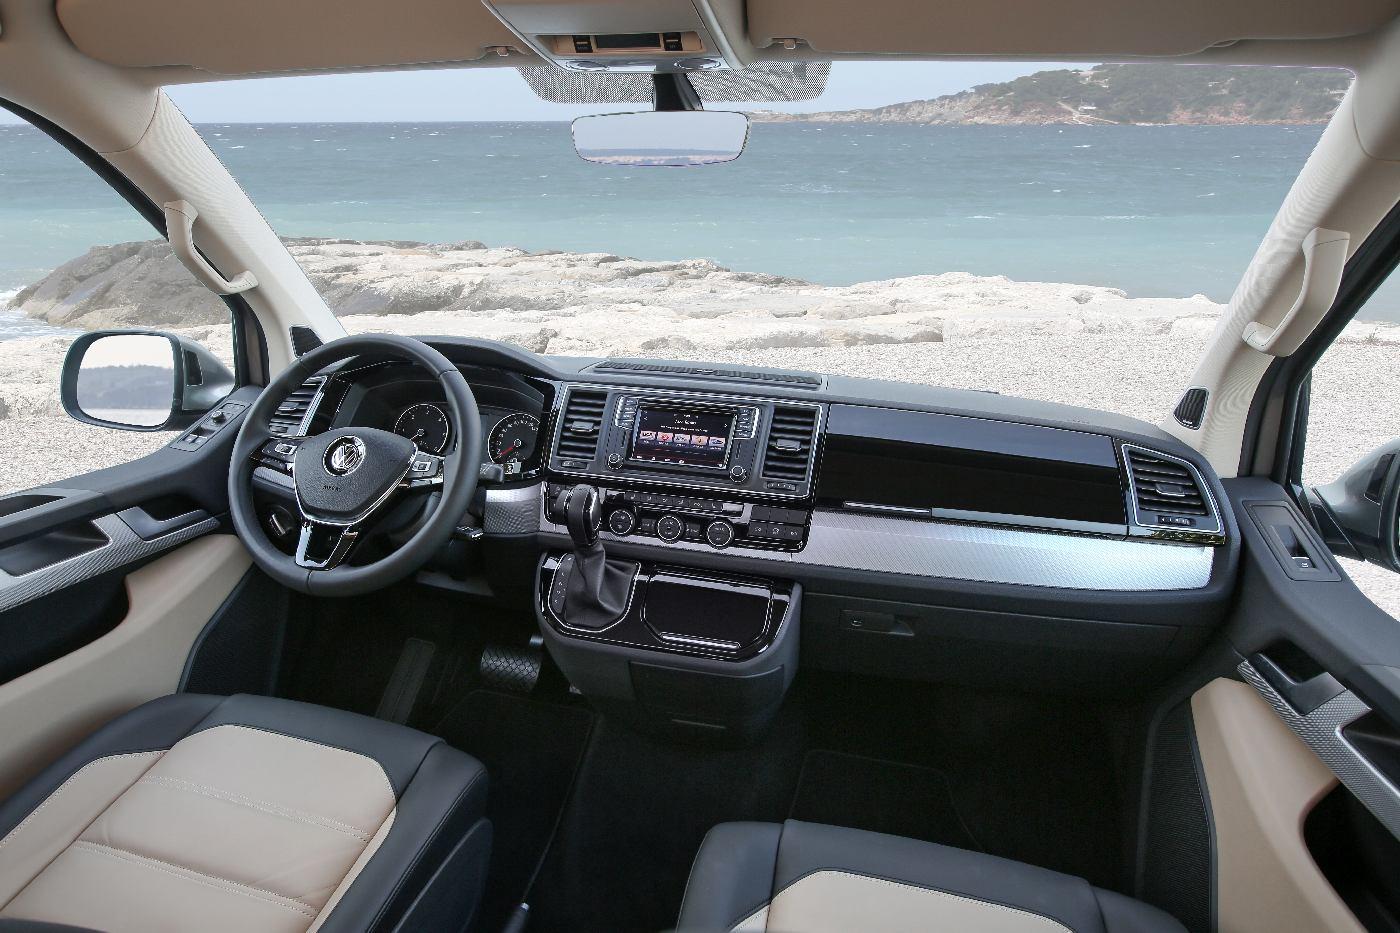 VW-Multivan-05